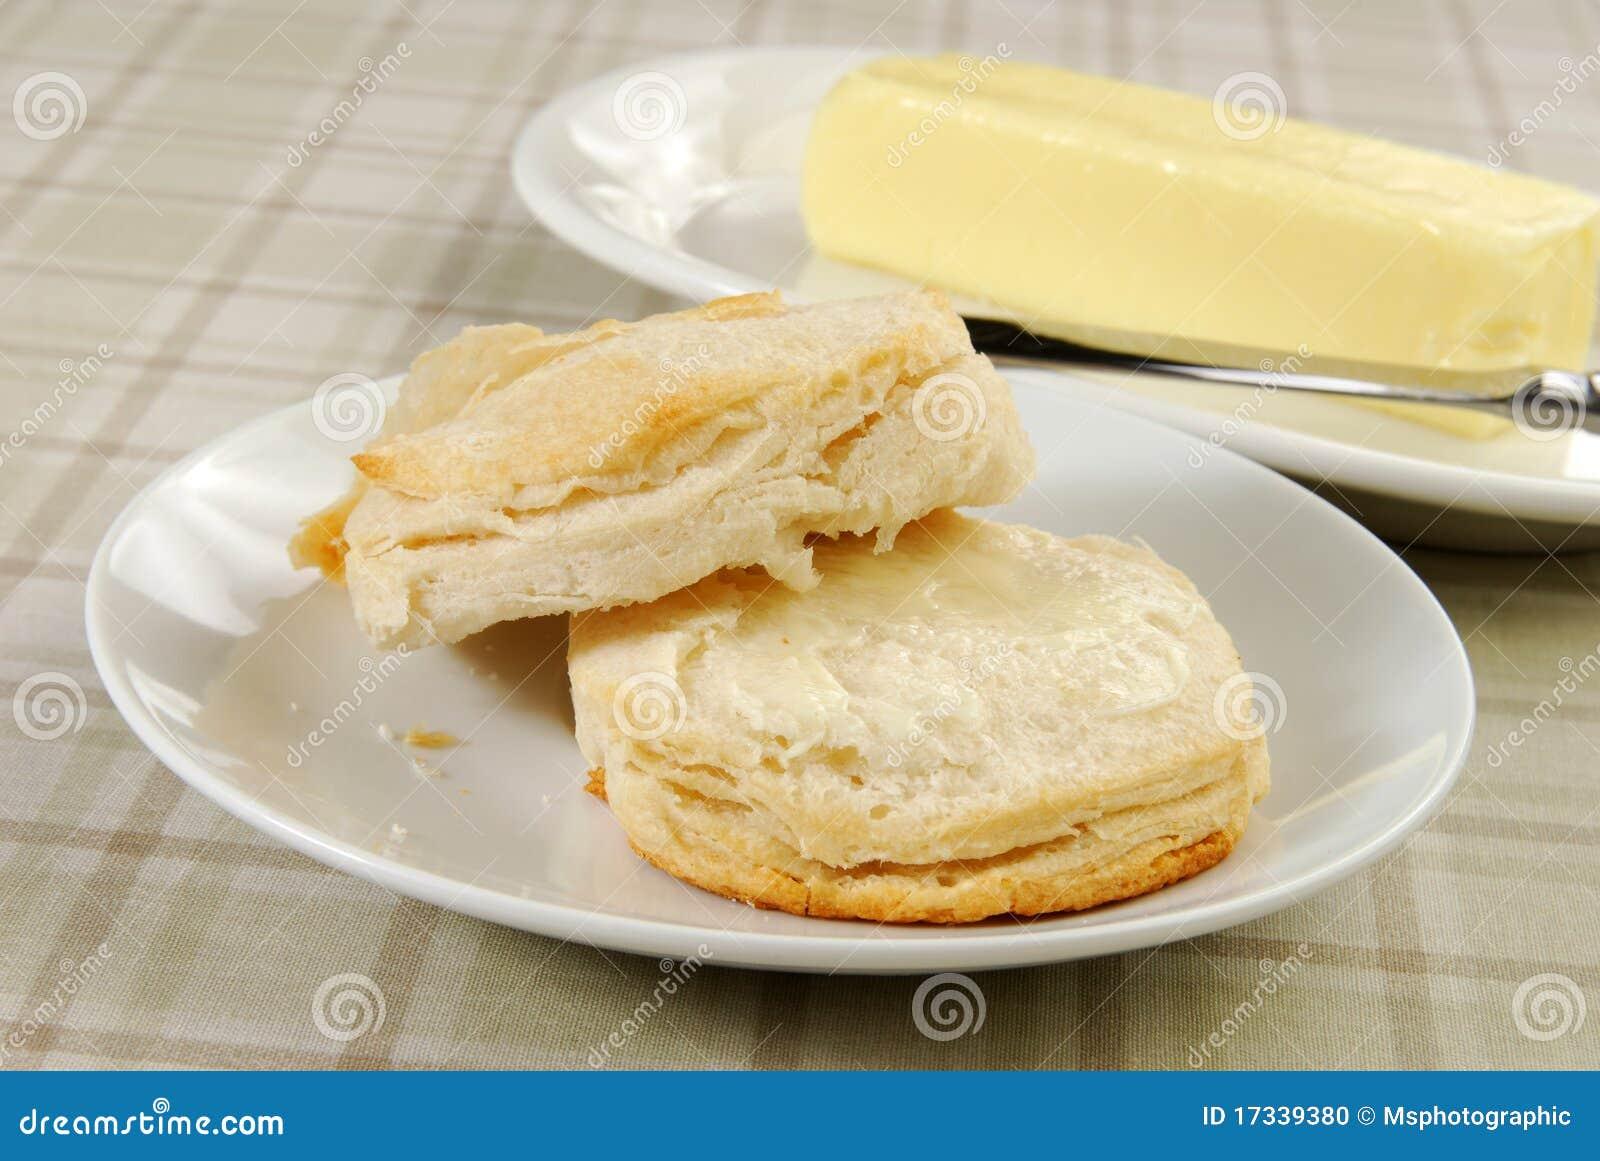 涂黄油的饼干